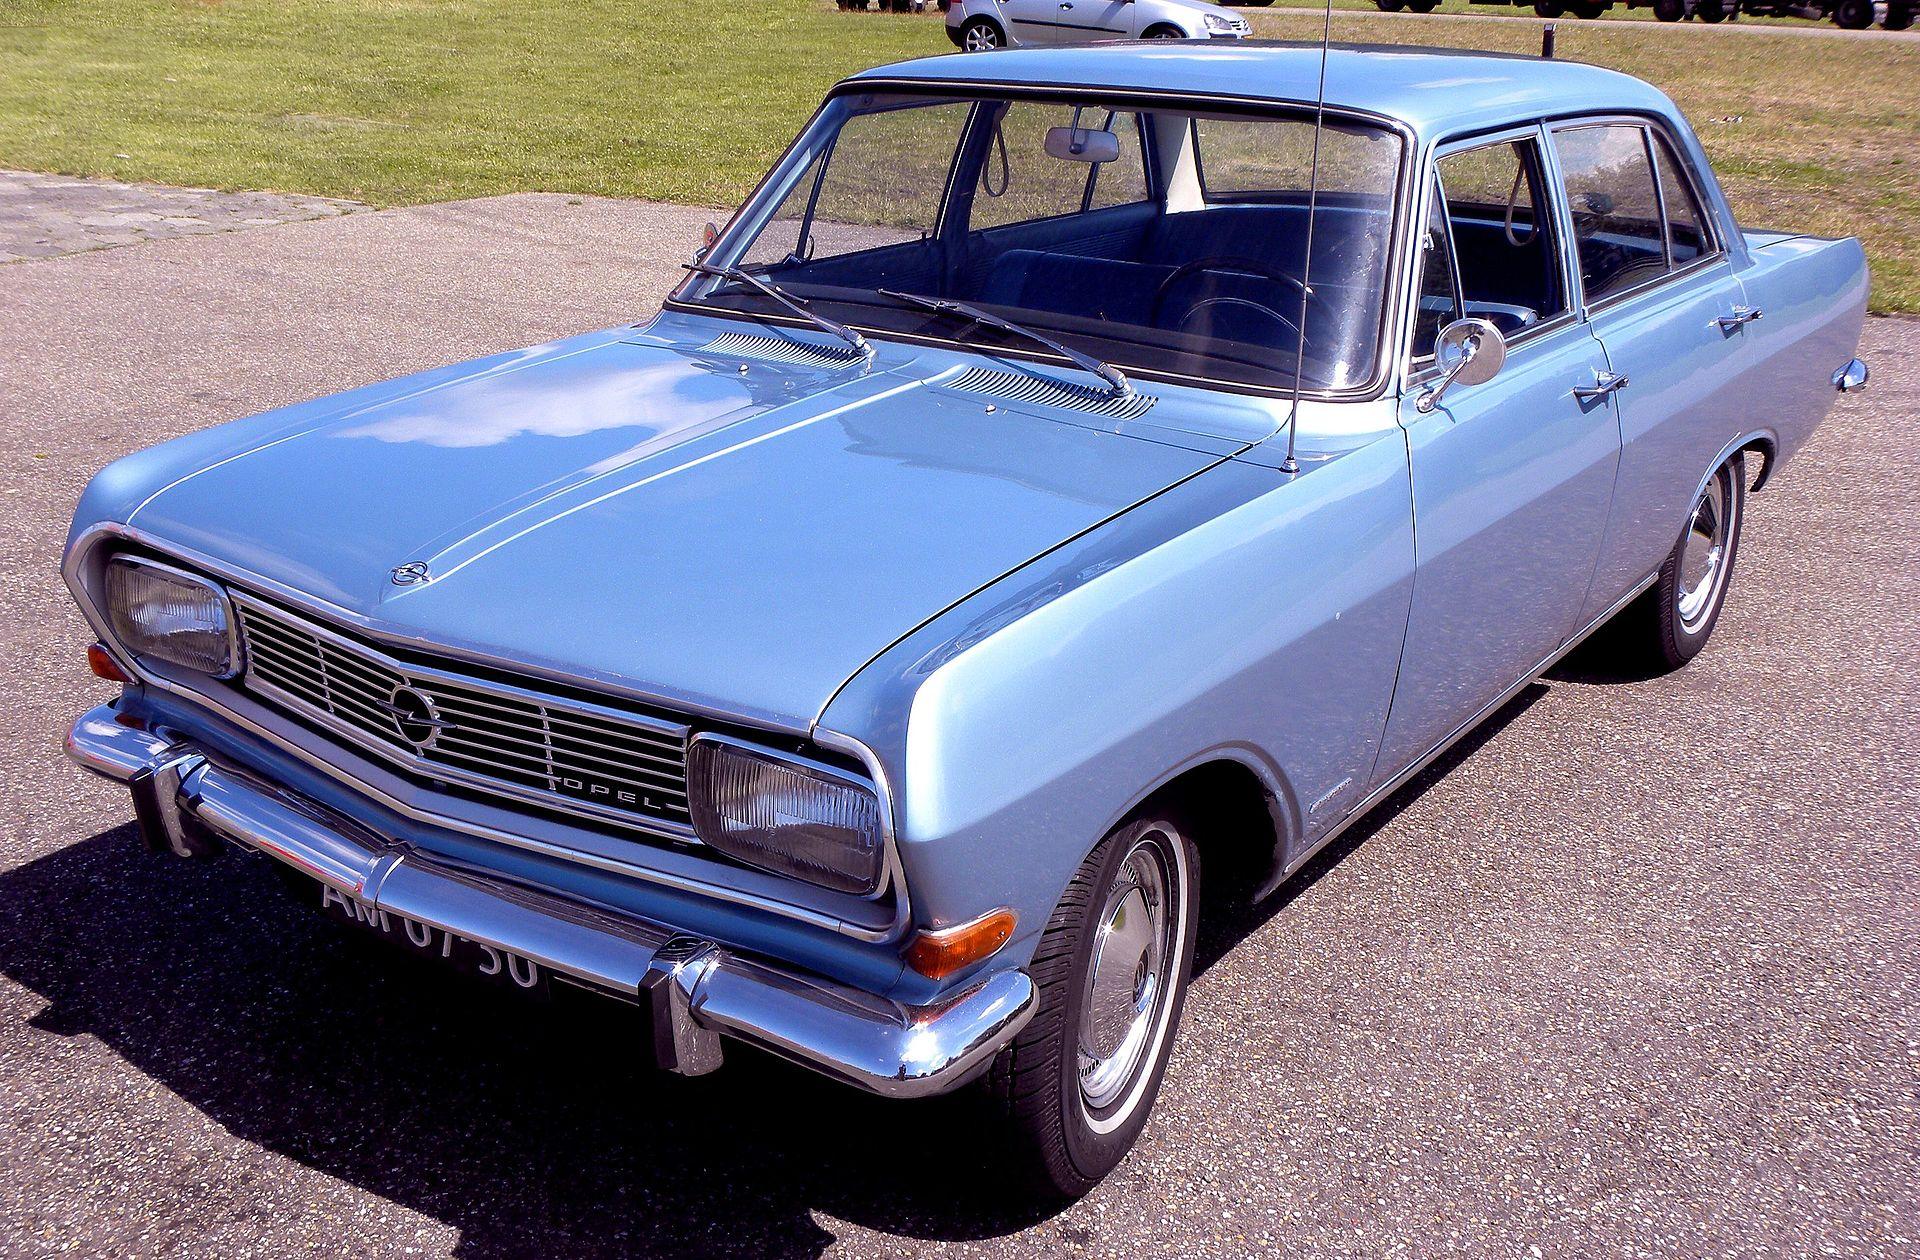 Opel Rekord Series B - Wikipedia